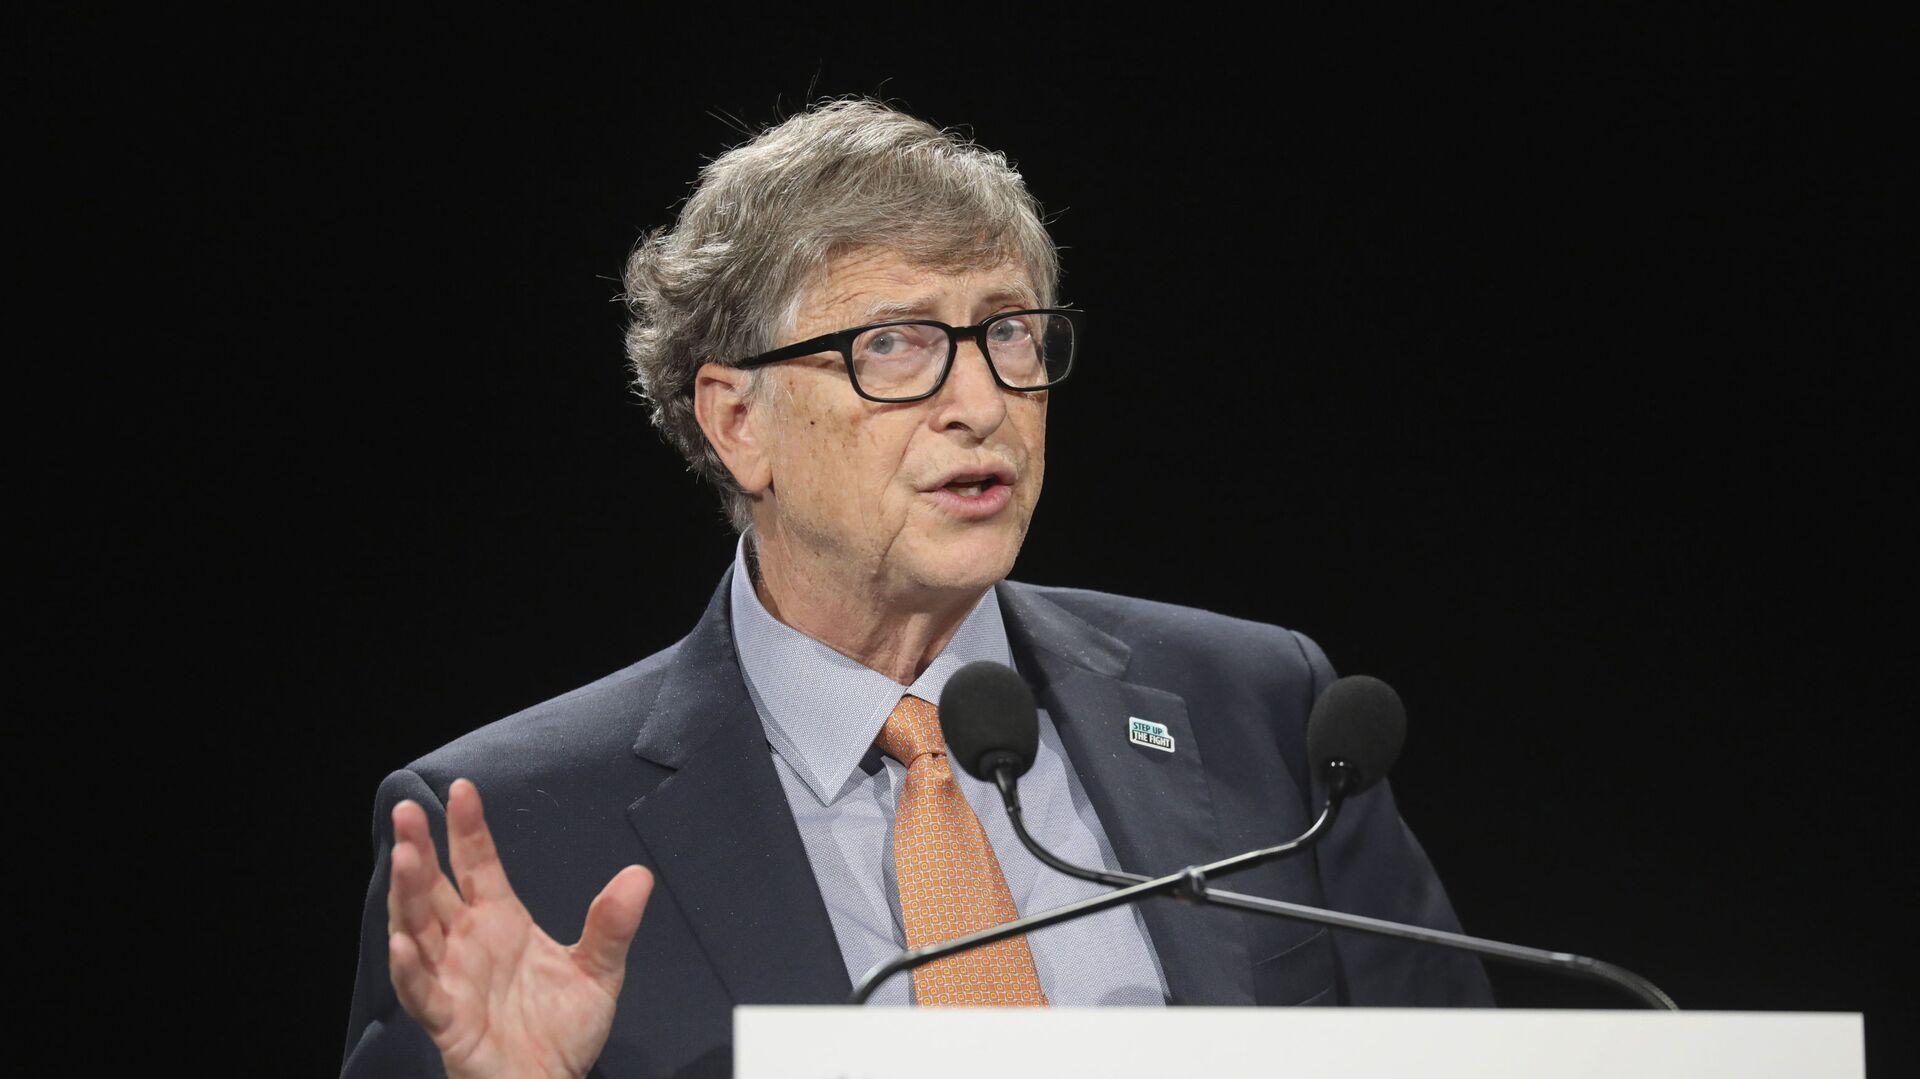 Bill Gates, multimillonario y filántropo estadounidense - Sputnik Mundo, 1920, 27.01.2021